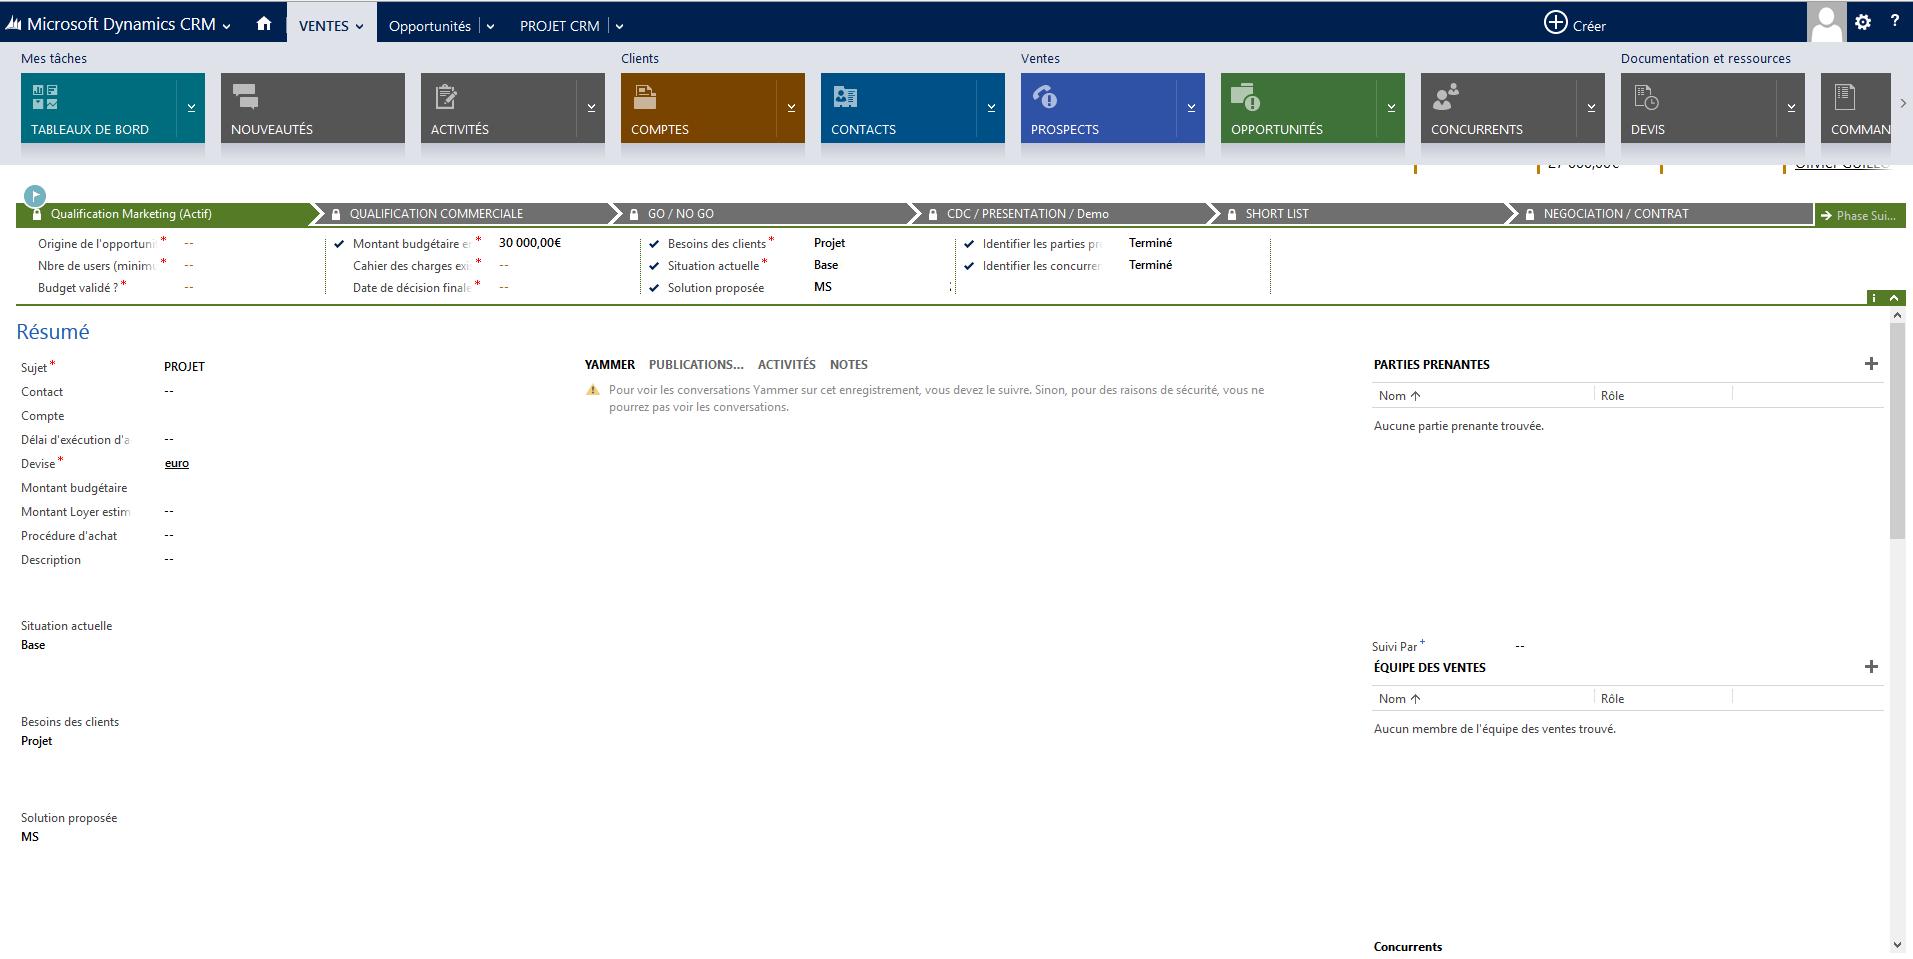 Microsoft Dynamics CRM: Acuerdo de Nivel de Servicio (SLA), teléfono, aplicaciones móviles